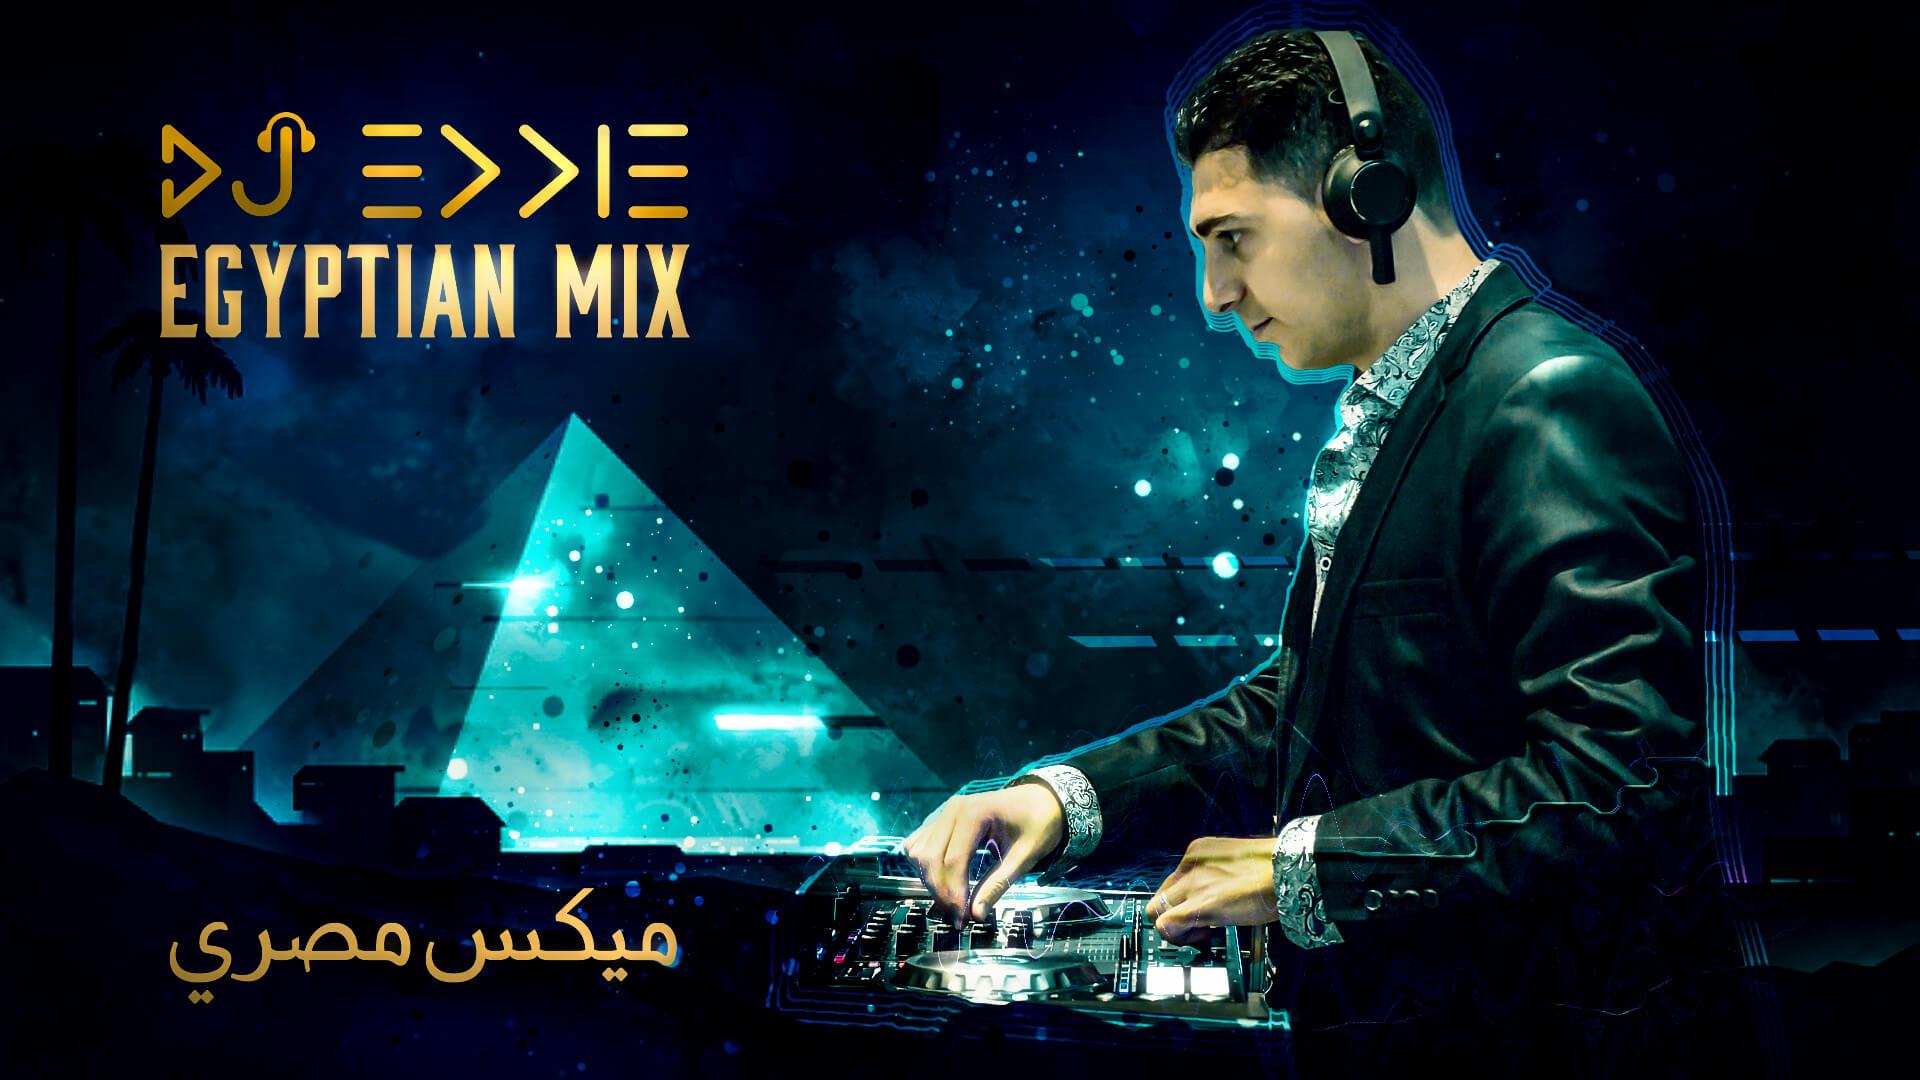 ميكس مصري بلدي شعبي دي جي ايدي Egyptian Party Music Dance Mix DJ Eddie